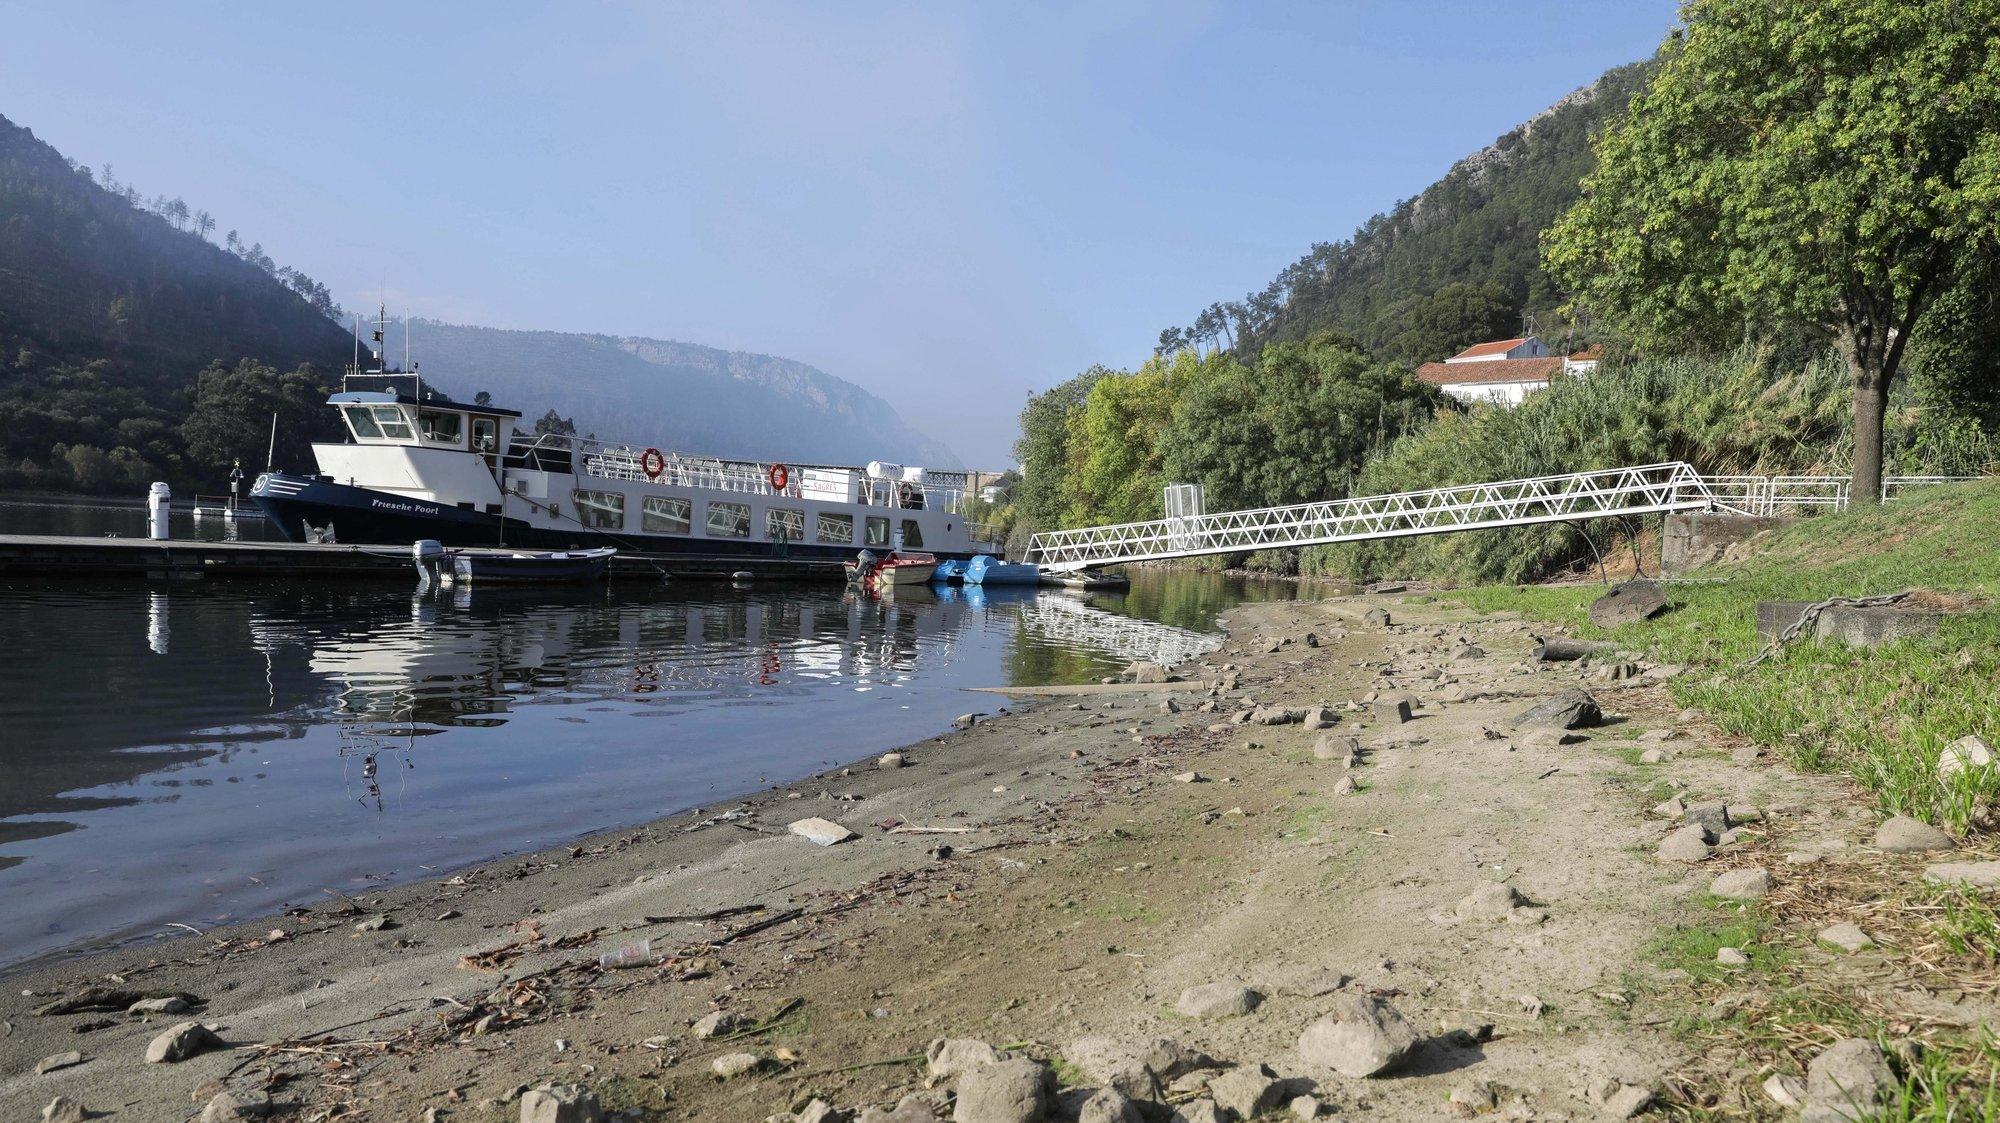 Em Vila Velha de Ródão o nível da água no rio Tejo atingiu os níveis mais baixos que foram registados nas últimas décadas, situação que afetou, sobretudo, as regiões portuguesas e espanholas do Tejo Internacional e secaram, inclusivamente alguns afluentes, como o rio Ponsul, Castelo Branco, 22 de outubro de 2019. (ACOMPANHA TEXTO DE 27/10/2019) PAULO NOVAIS/LUSA